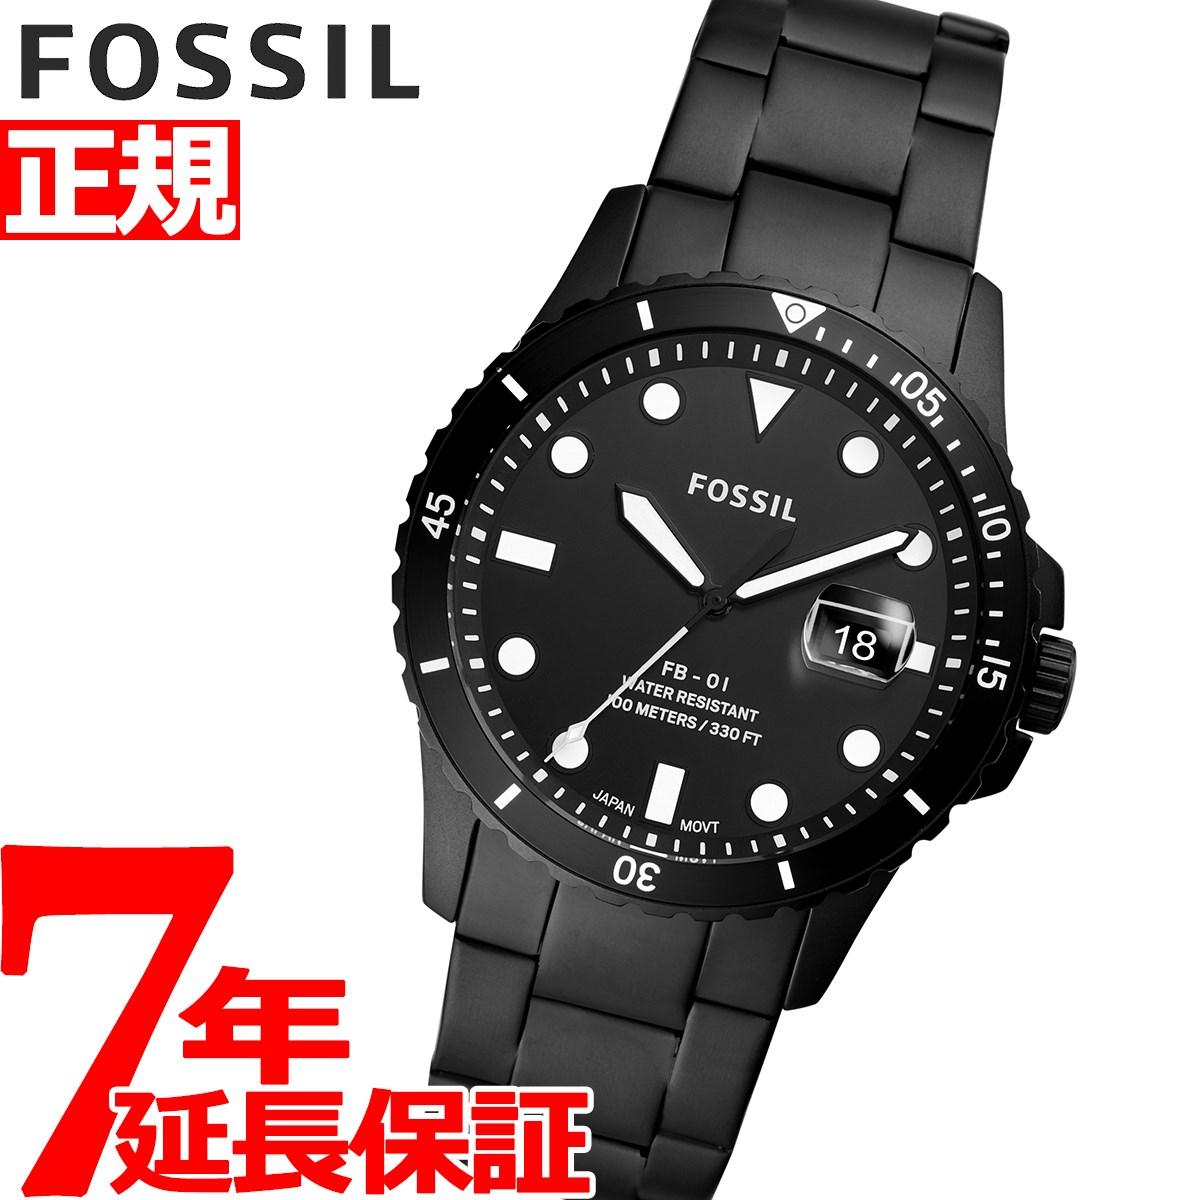 【5日0時~♪最大2000円OFFクーポン&店内ポイント最大51倍!5日23時59分まで】フォッシル FOSSIL 腕時計 メンズ FB-01 FS5659